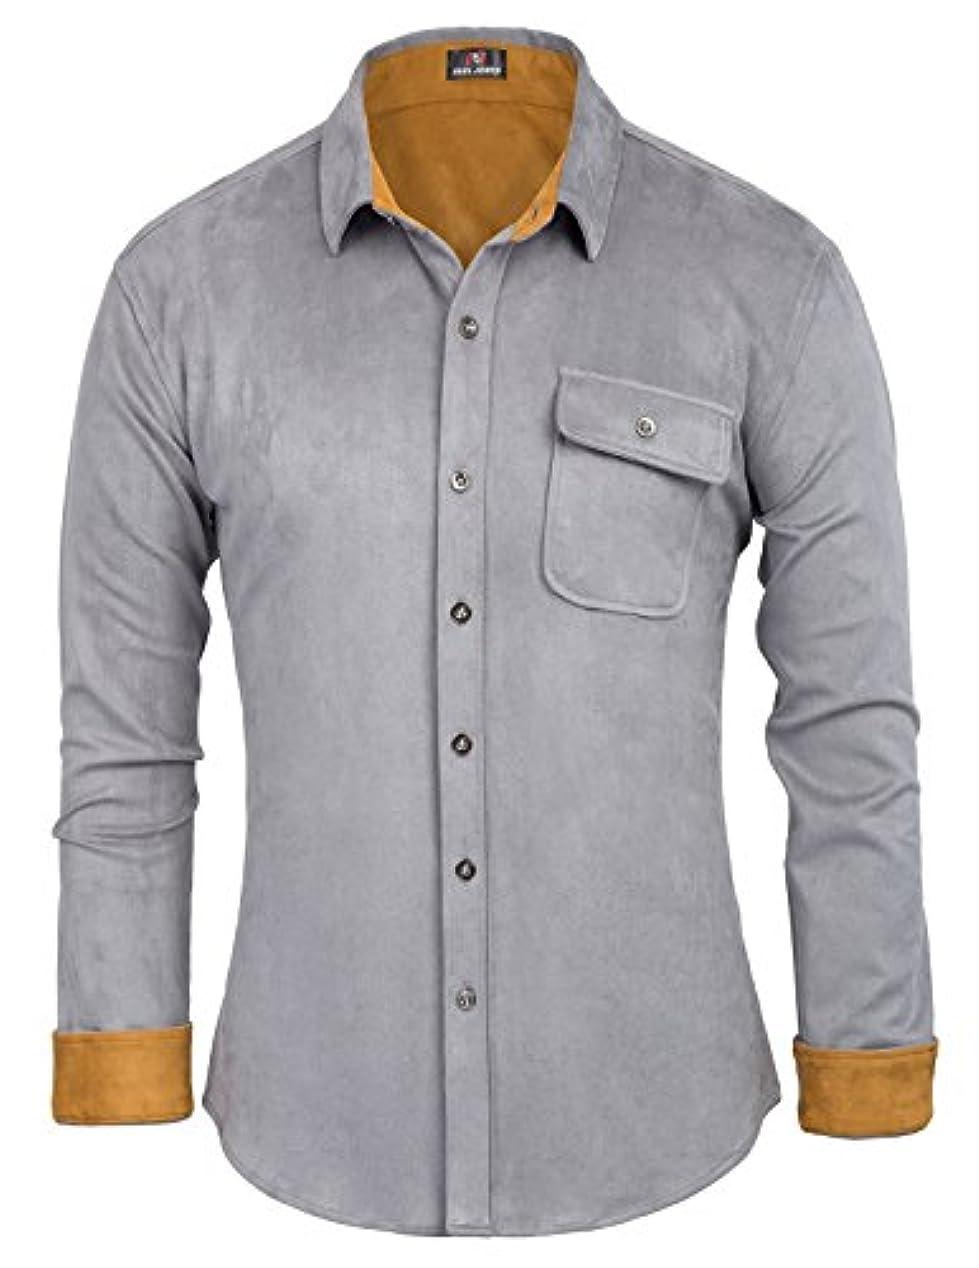 三ファセット長さメンズ ポケット付き ウエスタンシャツ メンズファッション コーデュロイシャツ グレー#2 S